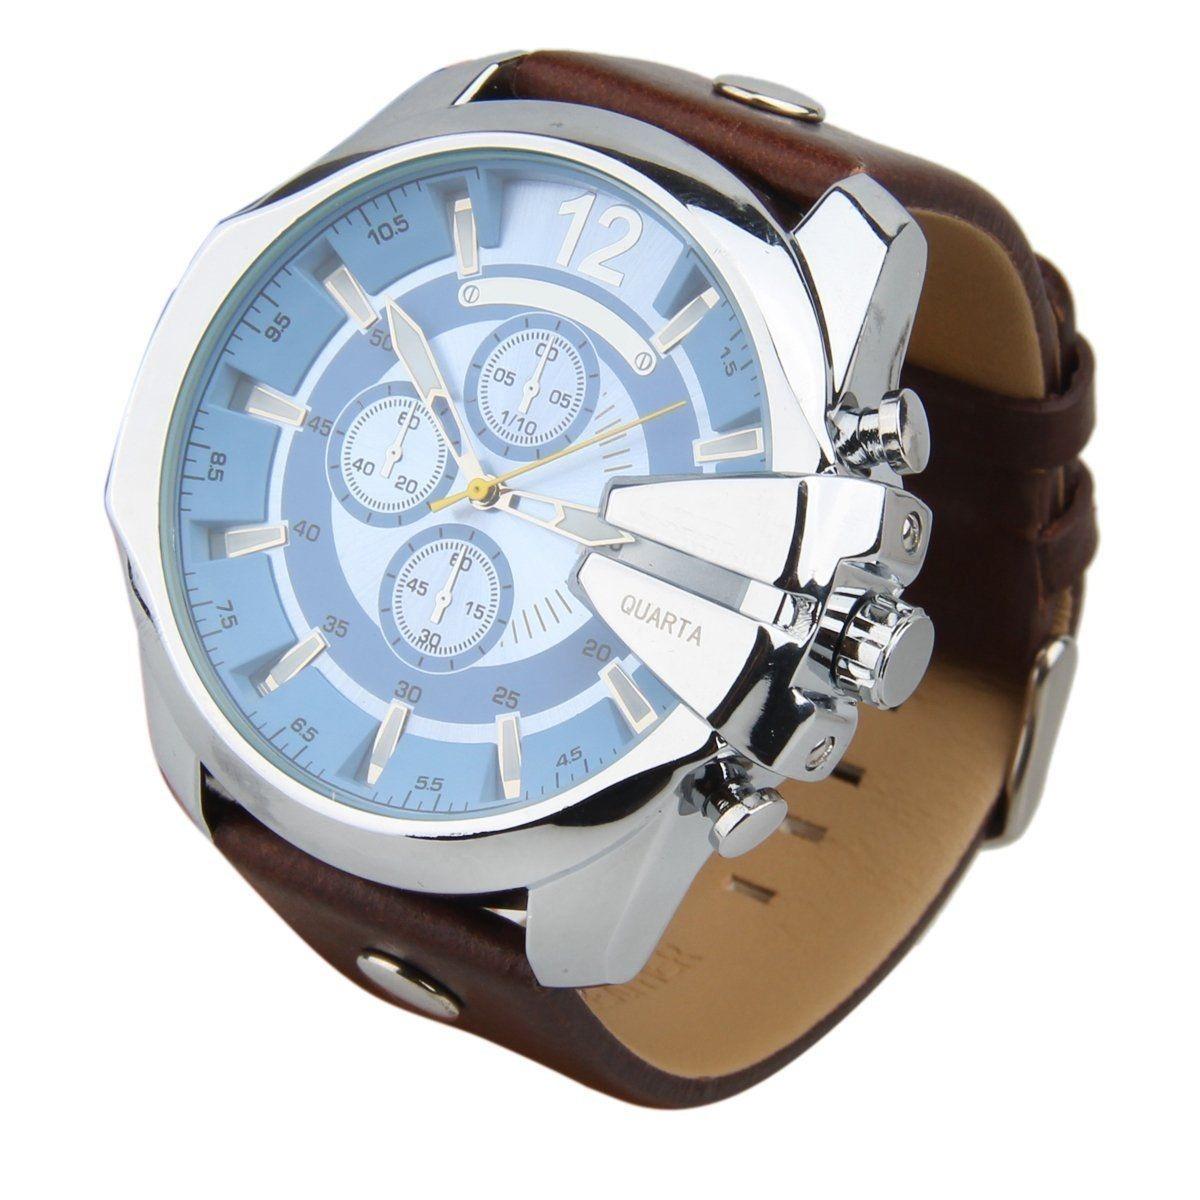 5463ae4c48f relógio masculino curren analógico azul marrom frete grátis. Carregando zoom .